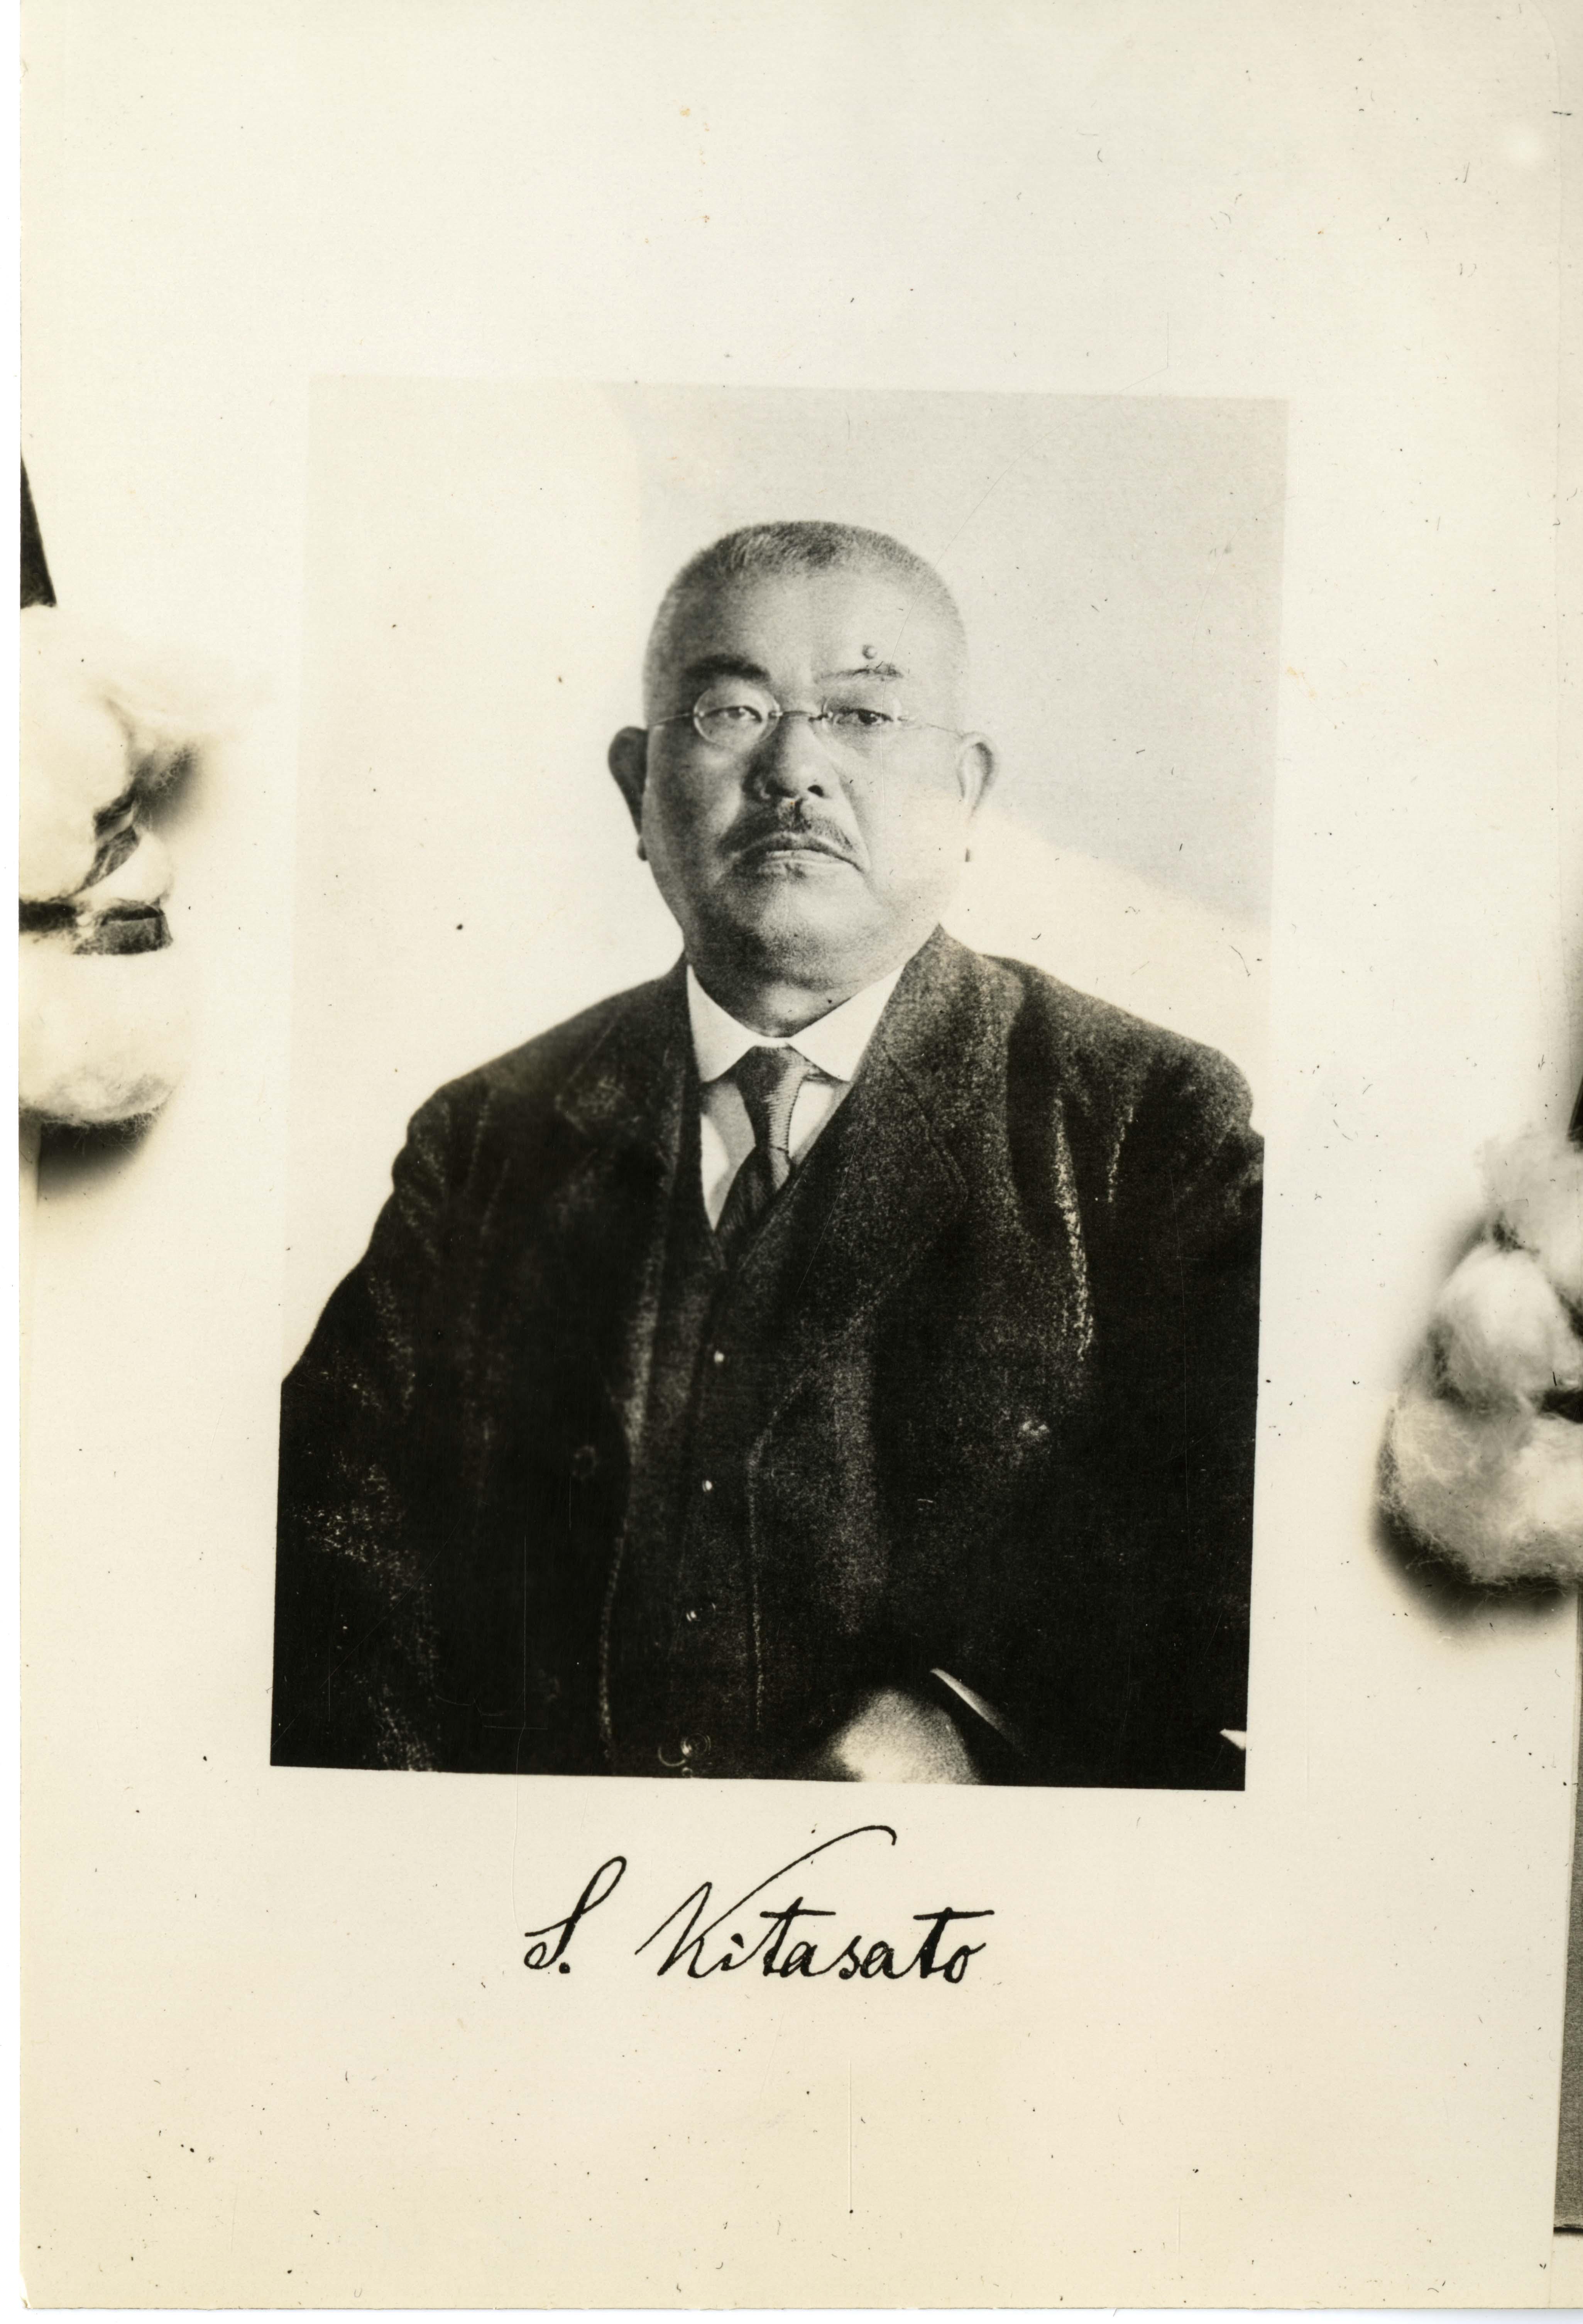 Kitasato Shibasaburo (1853-1931), Japanese physician and bacteriologist